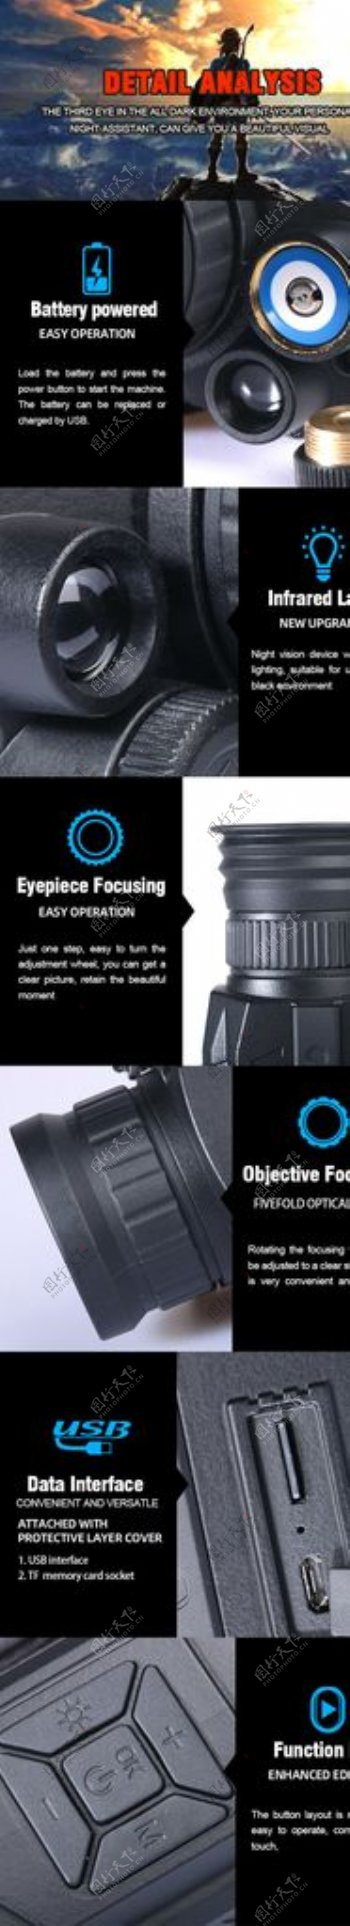 黑色背景夜视仪细节电商详情页图片